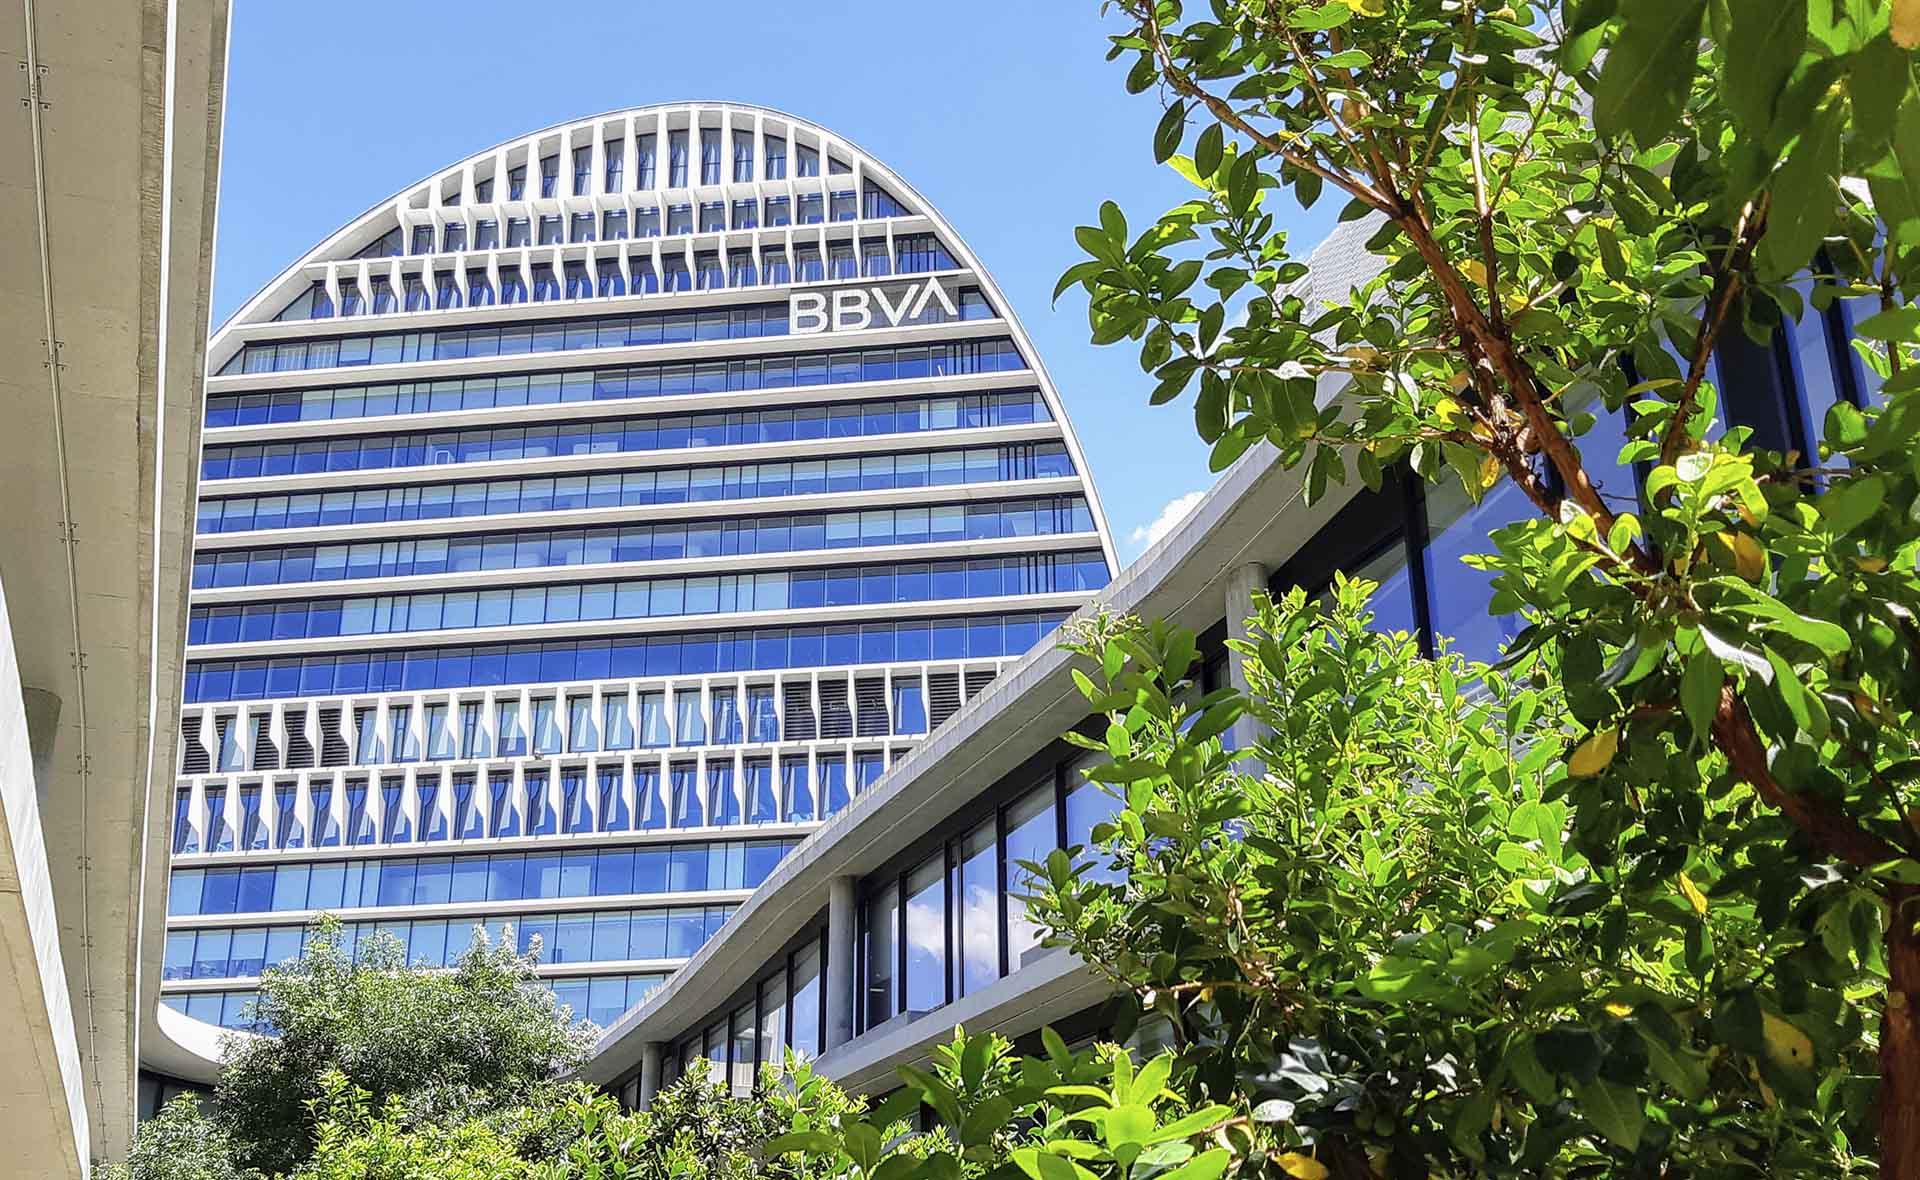 BBVA reporta utilidades por 1.258 millones de euros en el primer trimestre